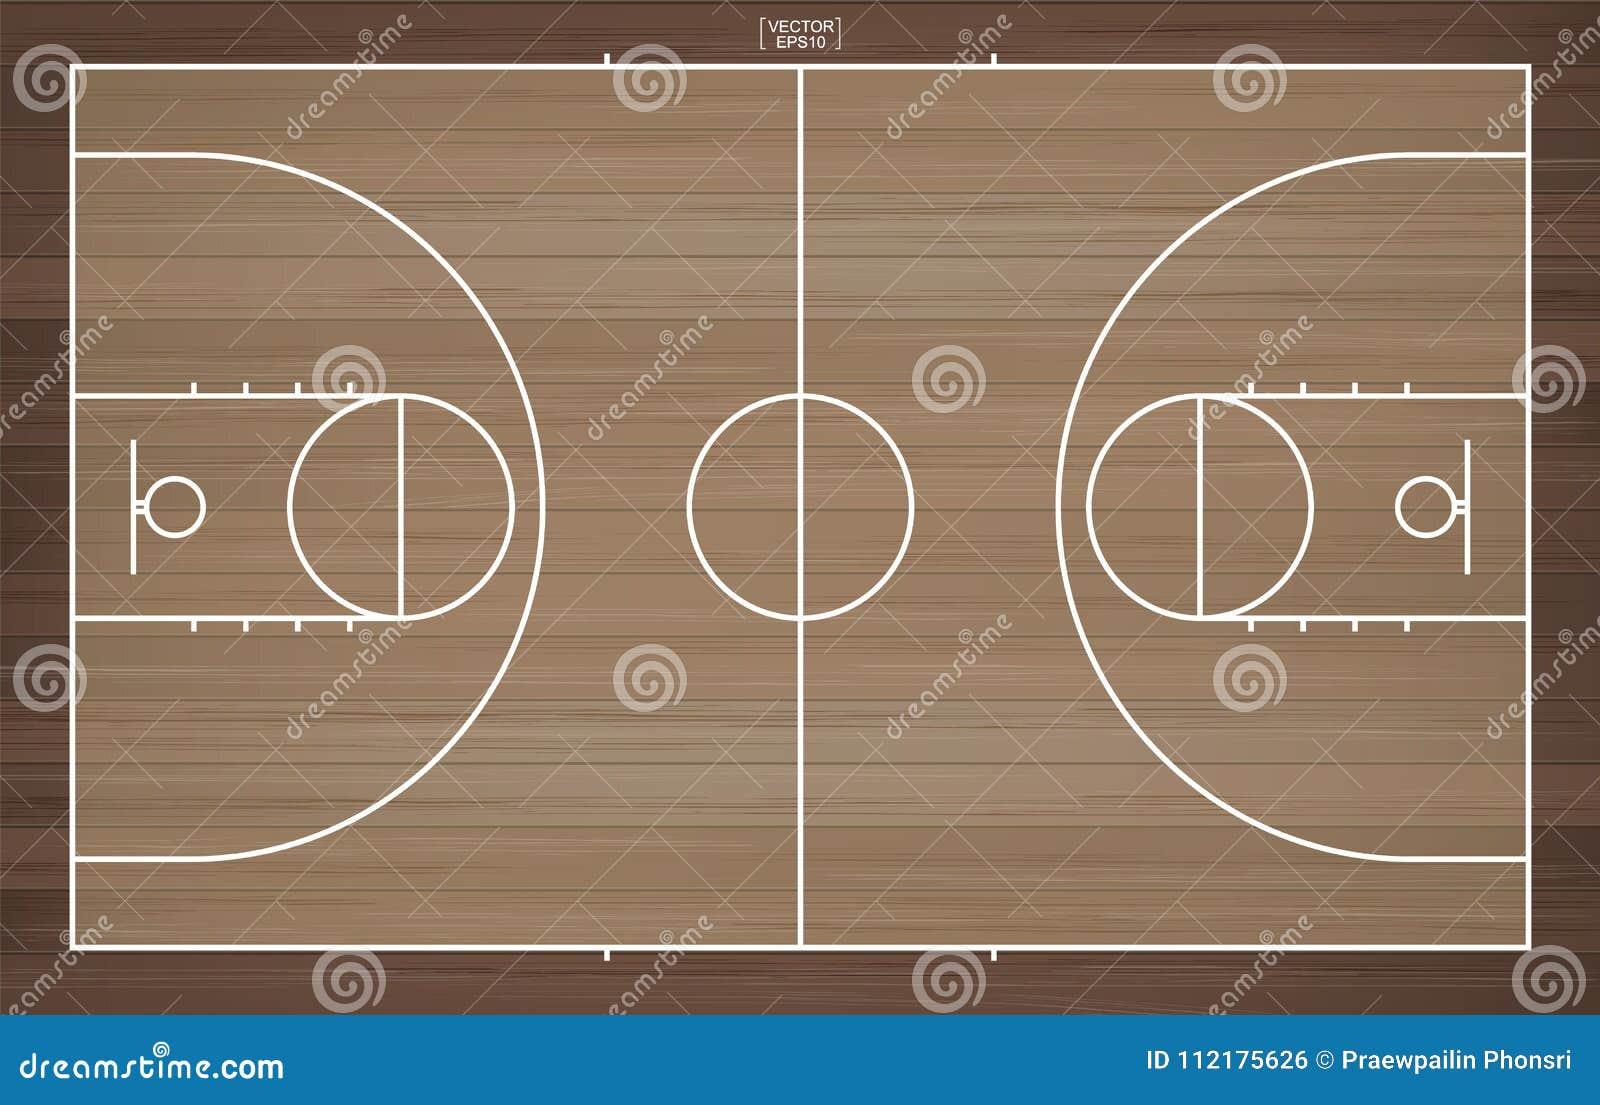 Ligne Champ De Basket Pour Fond La Le Ball Terrain Avec derBQxCoWE